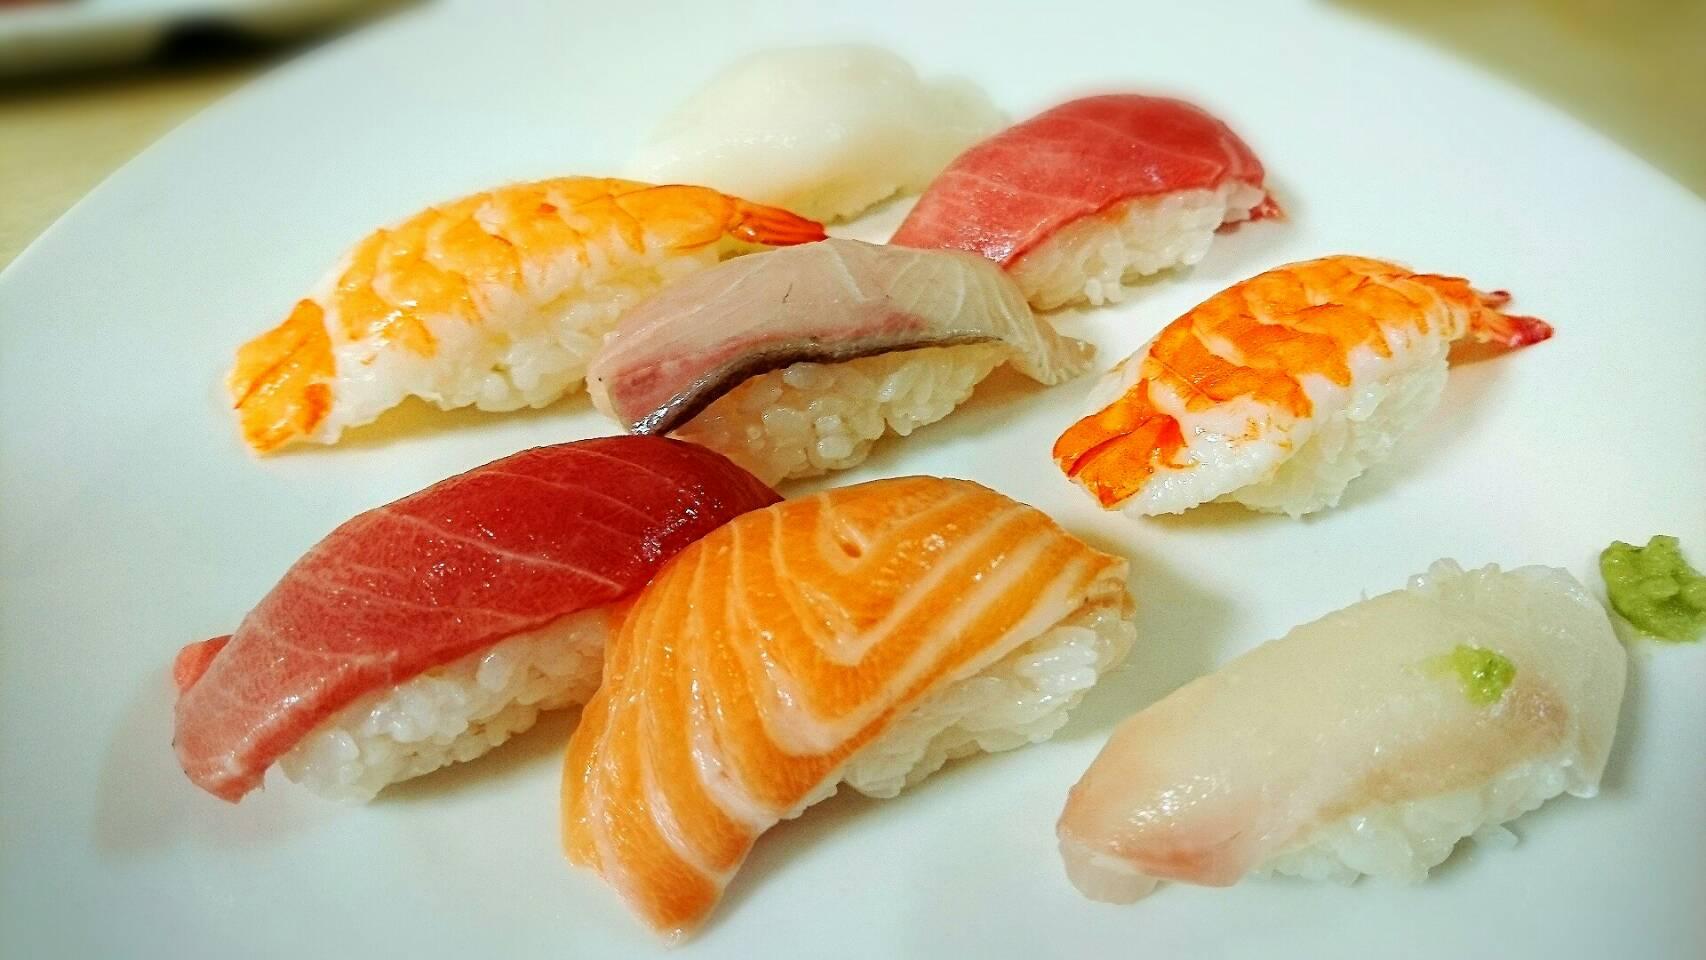 中トロ入りで600円の激安寿司